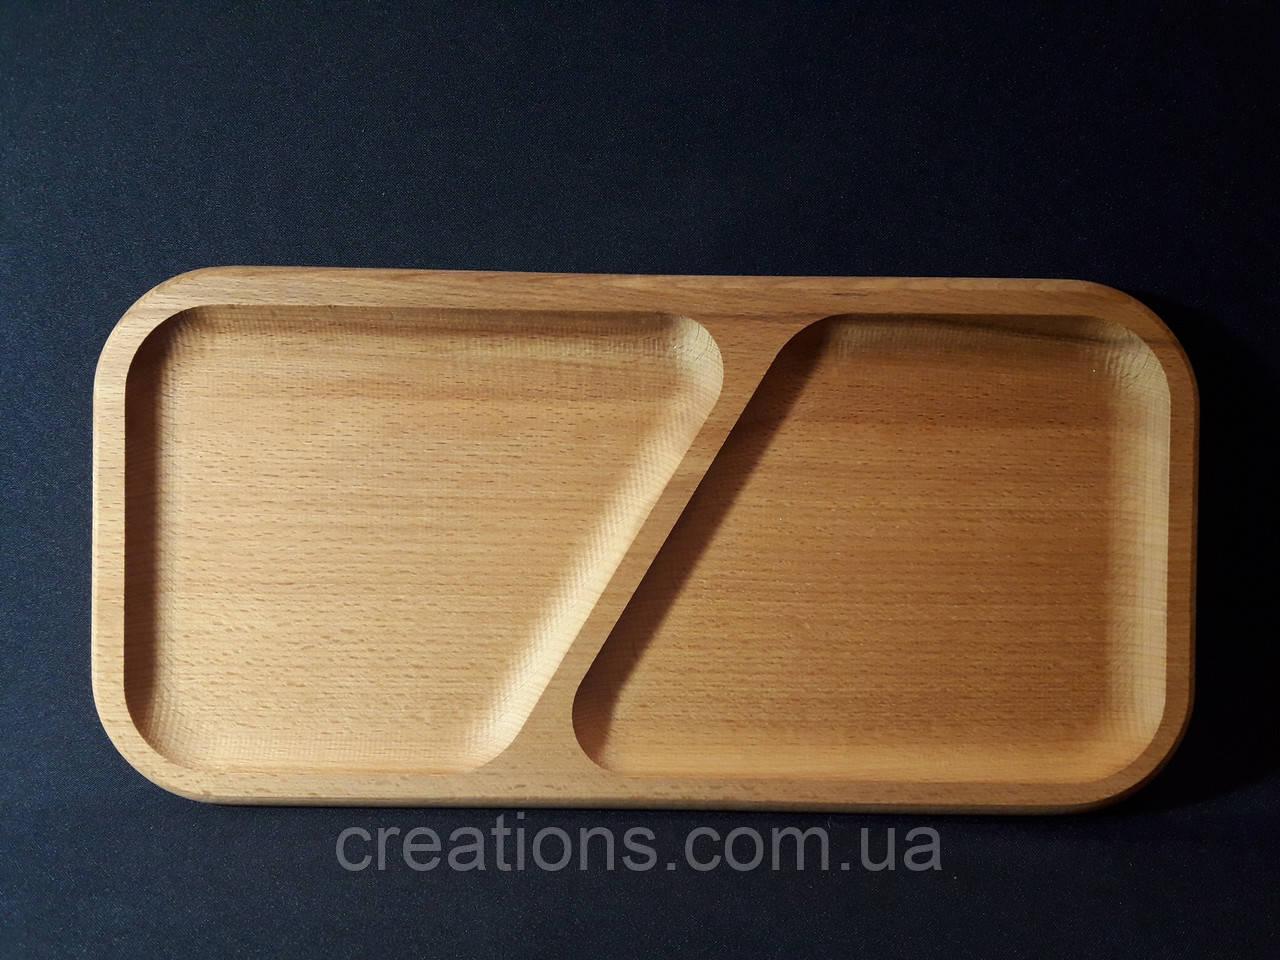 Менажниця дерев'яна 37х18 див. прямокутна на 2 секції з бука БМ-23